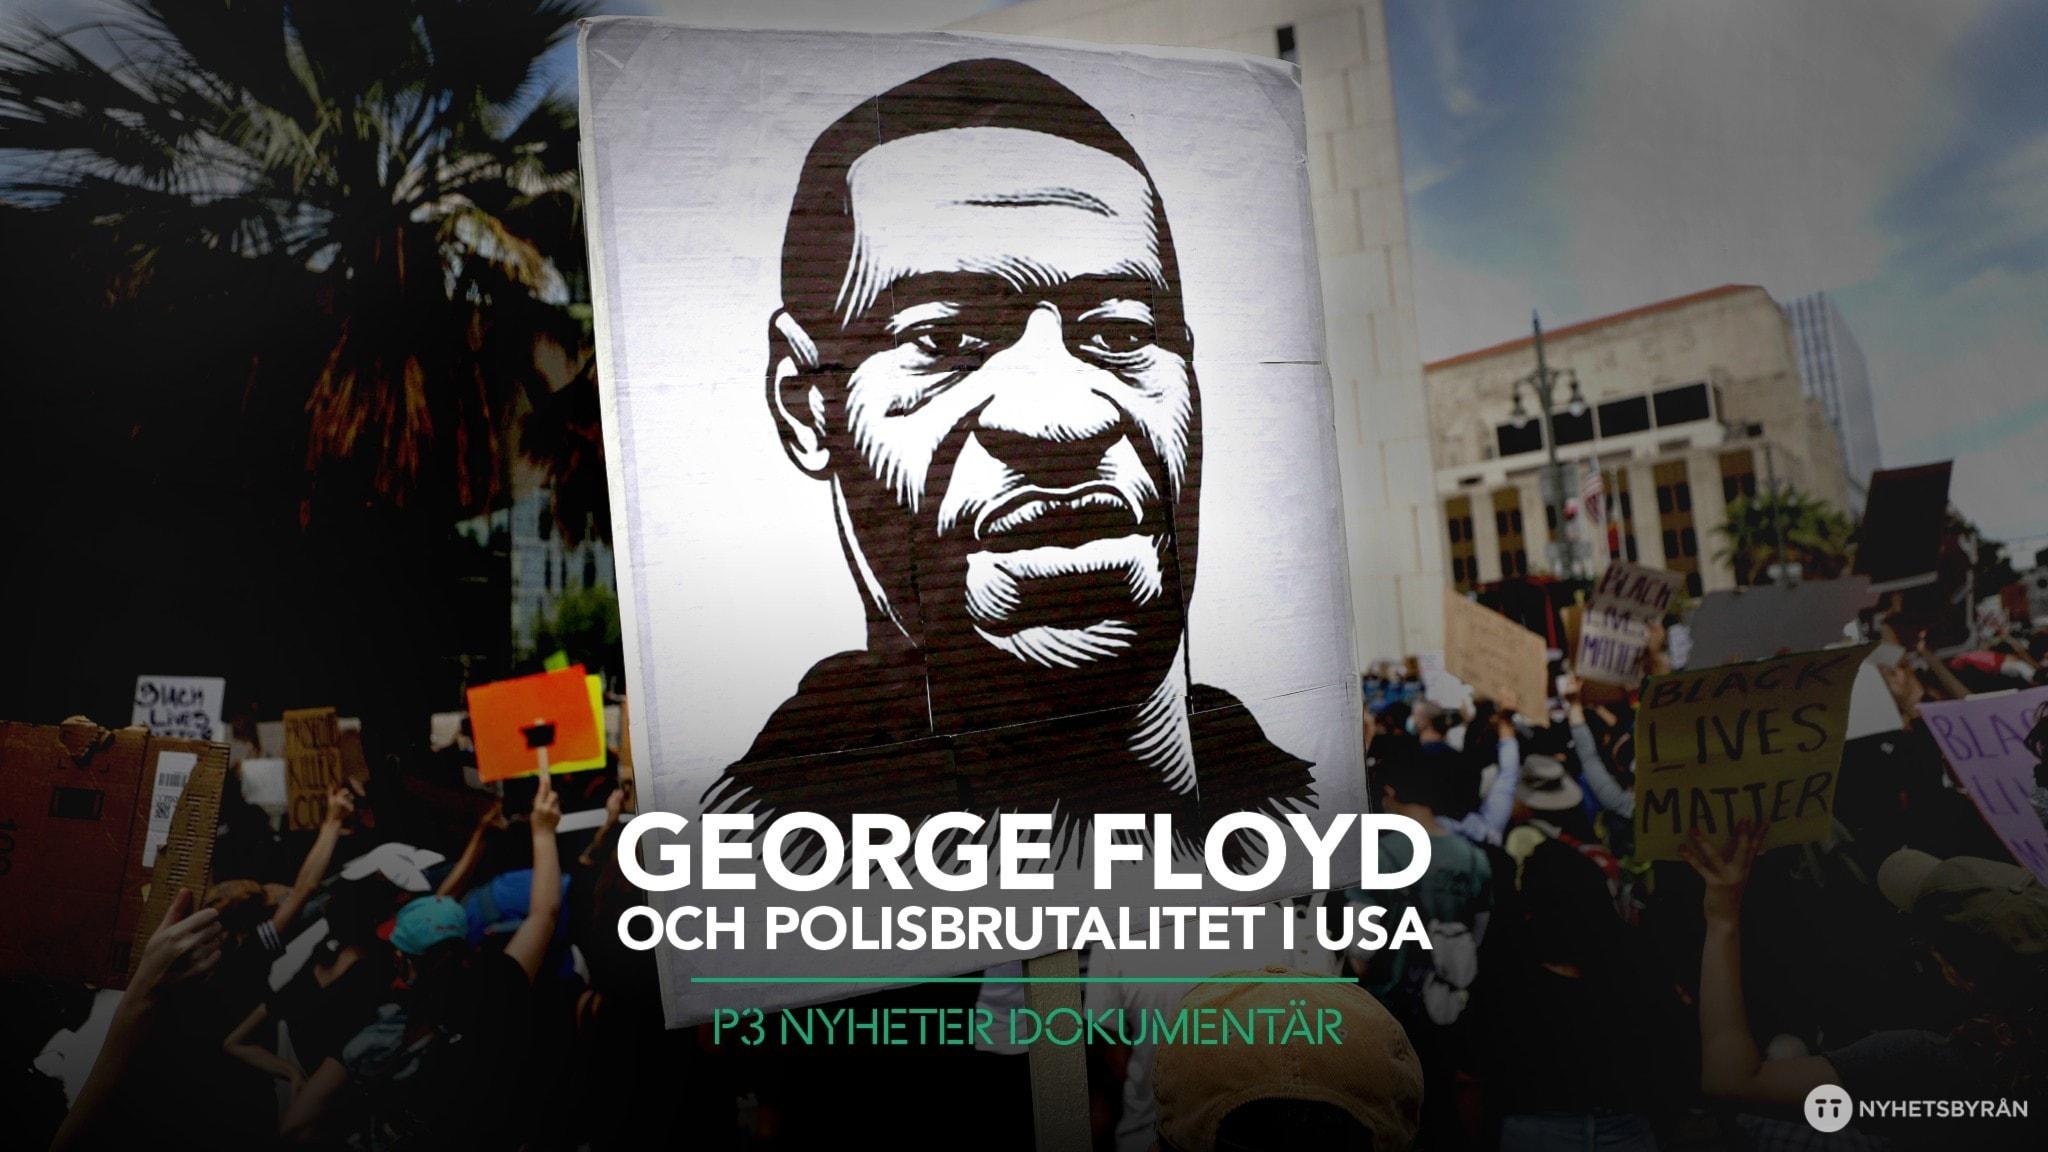 Skylt med bild på George Floyd.